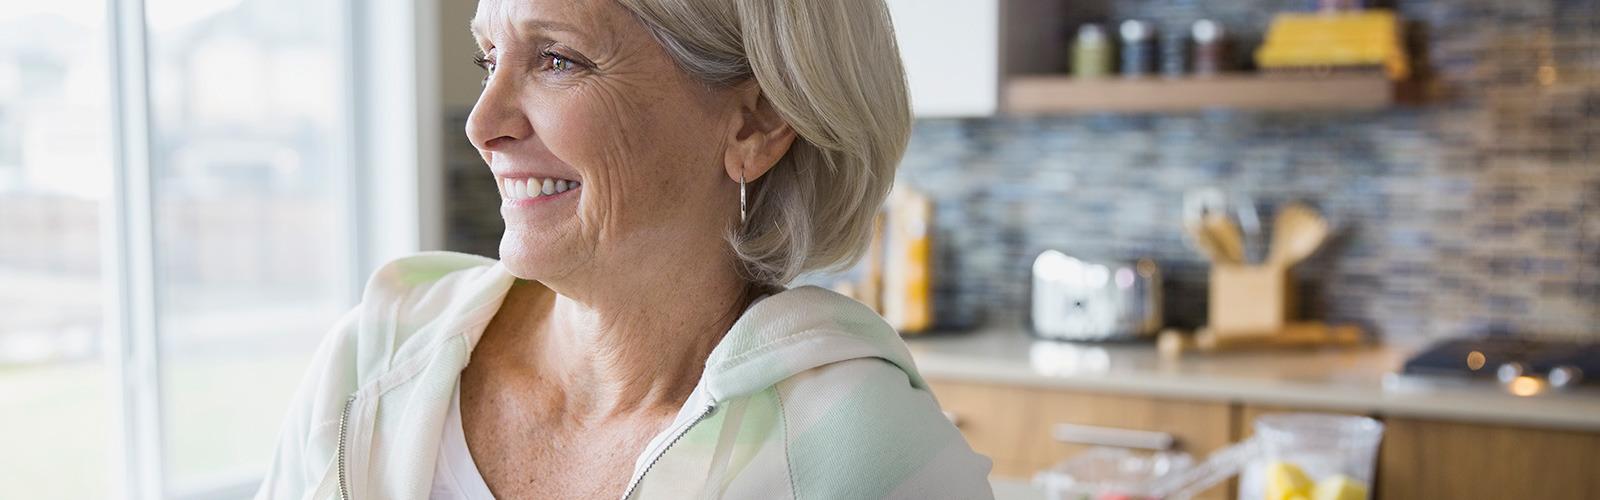 Woman in hoodie smiling.